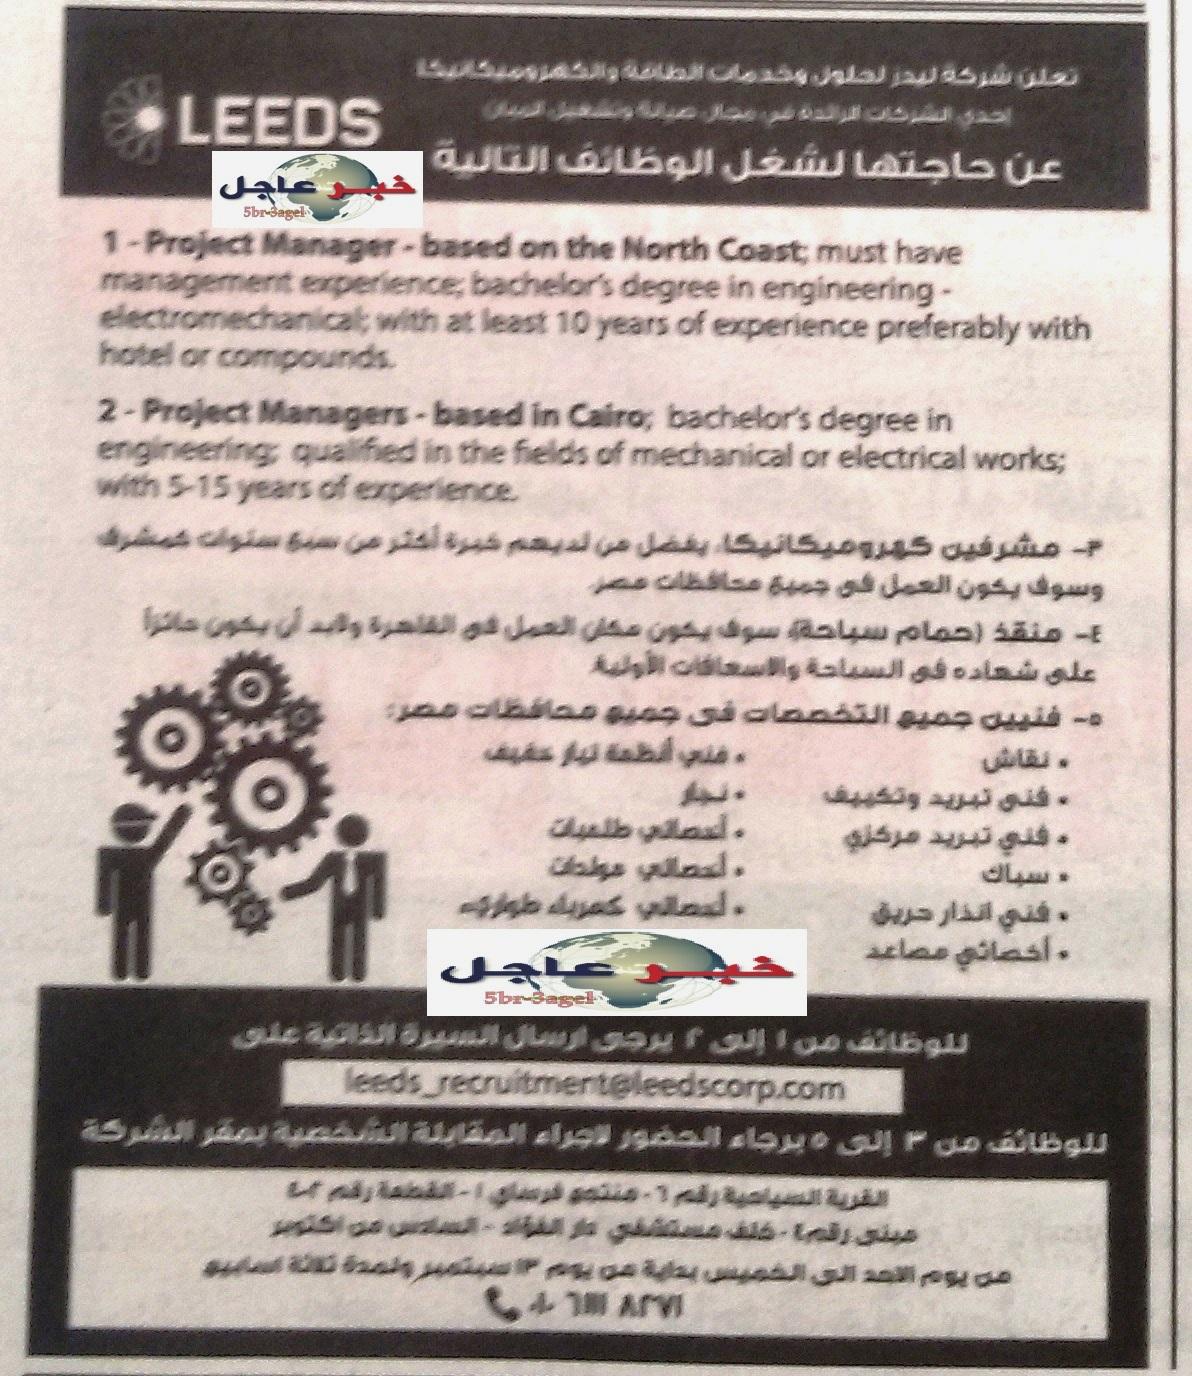 """اعلان وظائف """" شركة ليدز """" لخدمات الطاقة والعمل بجميع المحافظات التقديم 13 / 9 / 2015"""